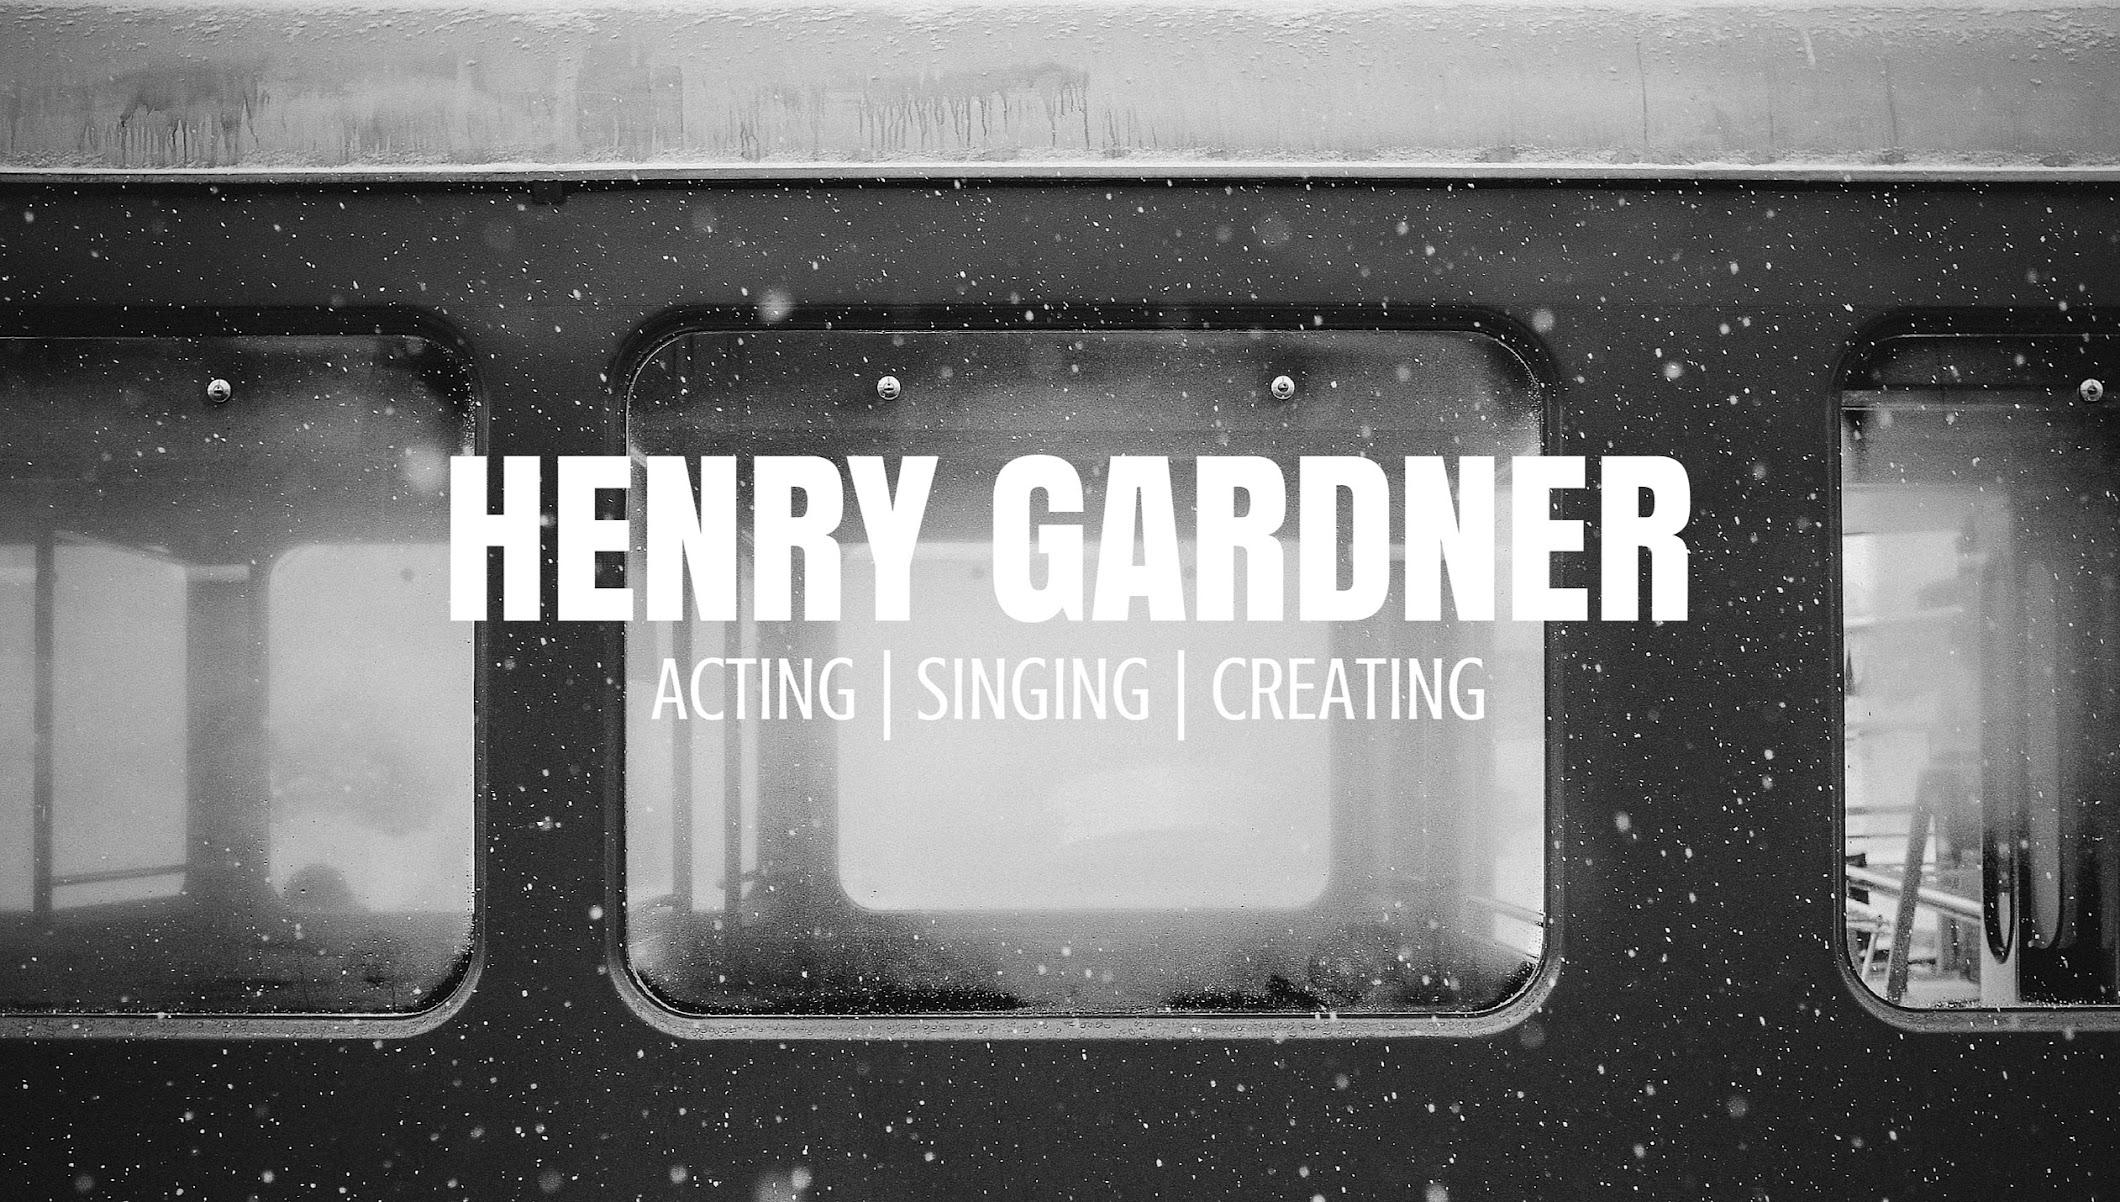 Henry Gardner